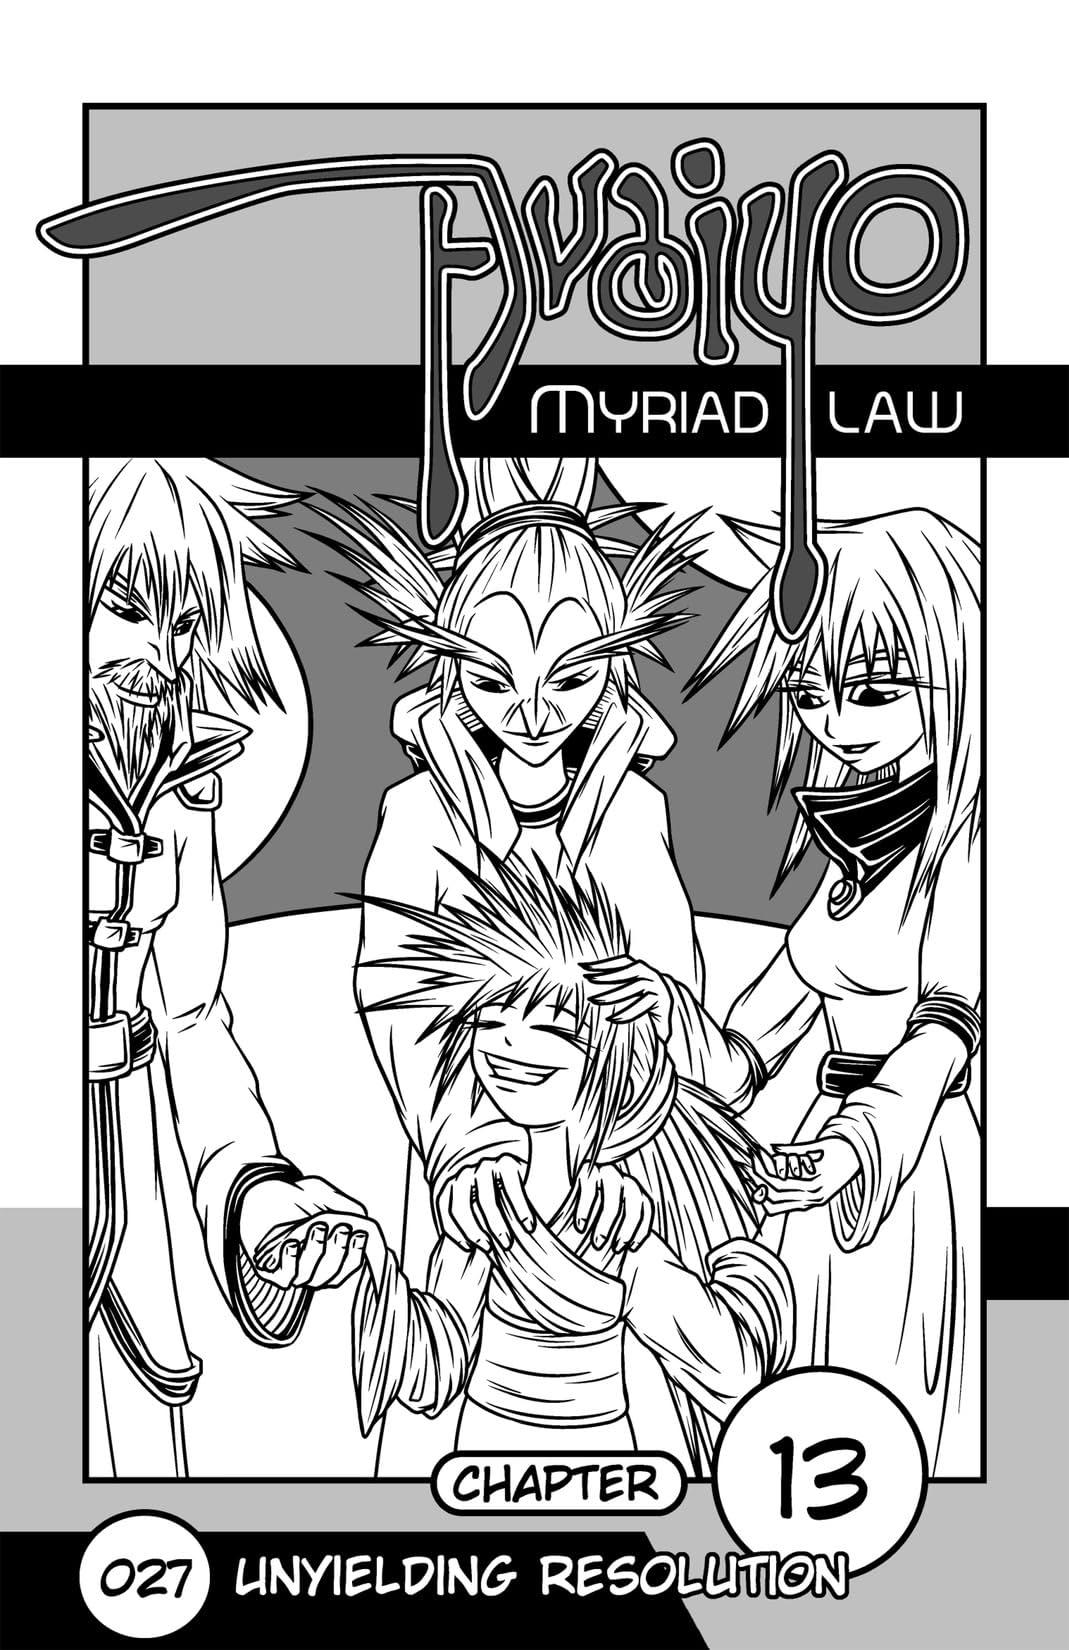 Avaiyo: Myriad Law #027